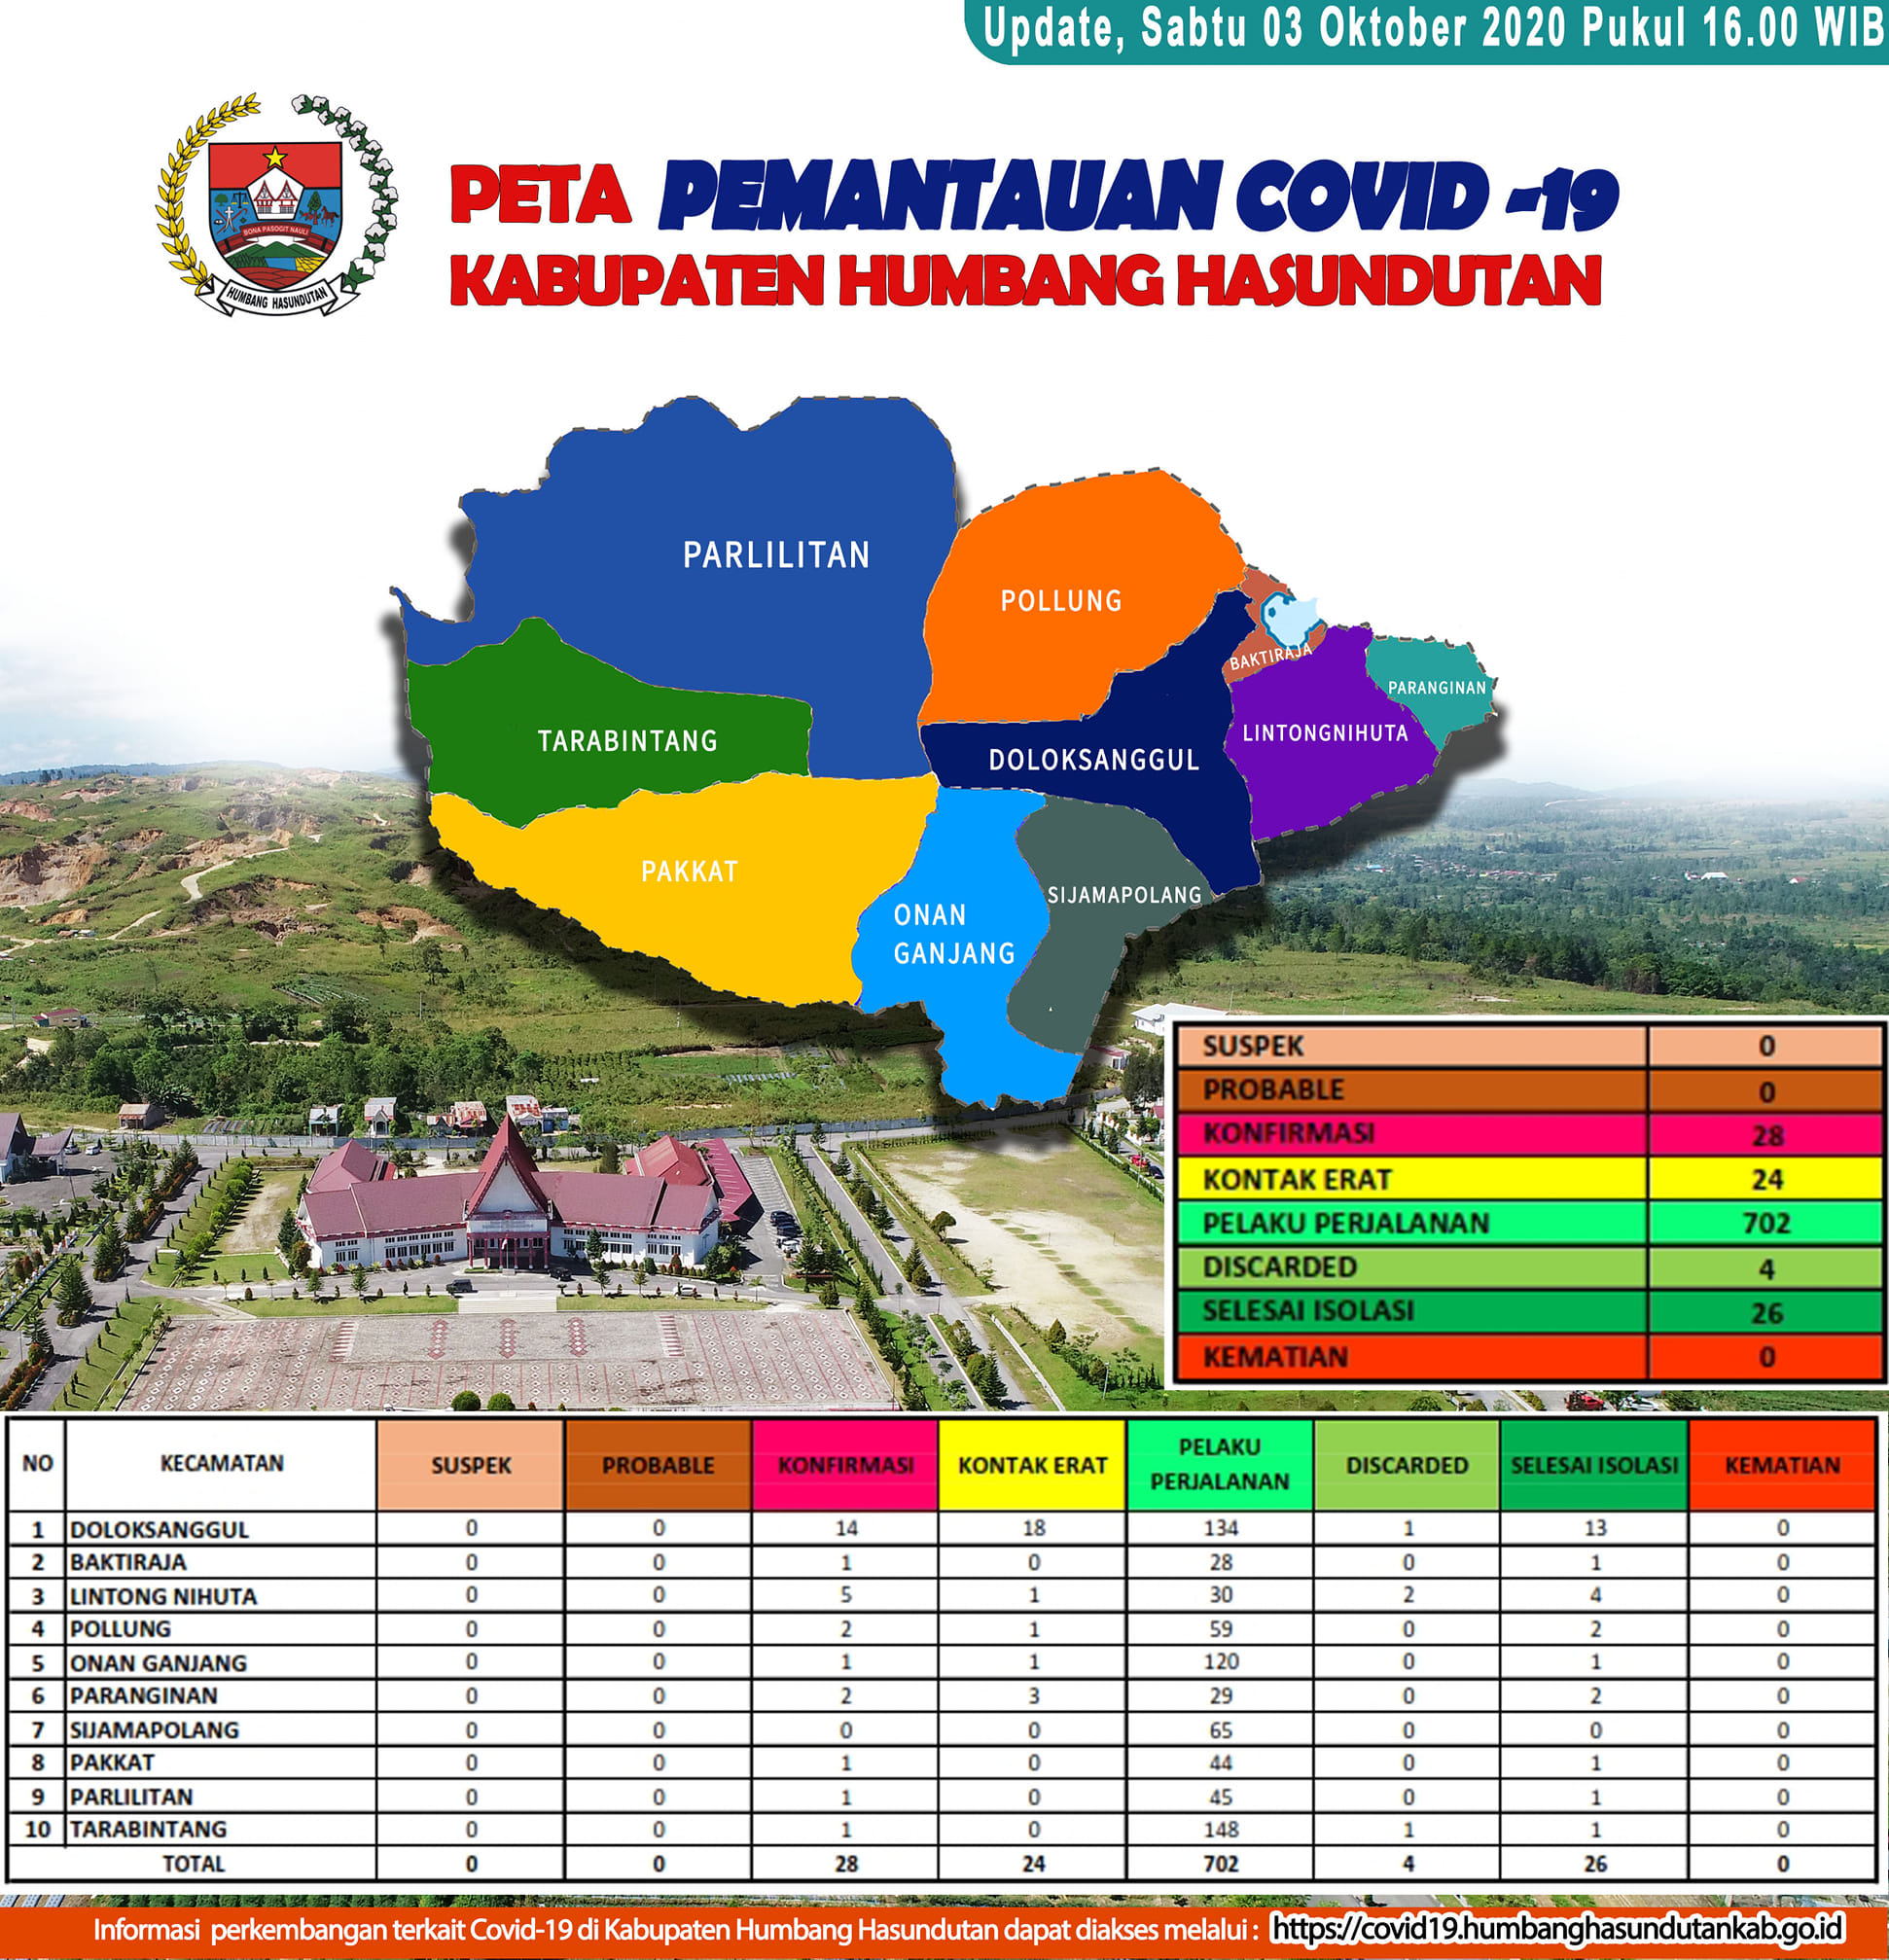 Peta Pemantauan Covid-19 Pemerintah Kabupaten Humbang Hasundutan tanggal 3 Oktober 2020 s/d pukul 16.00 WIB